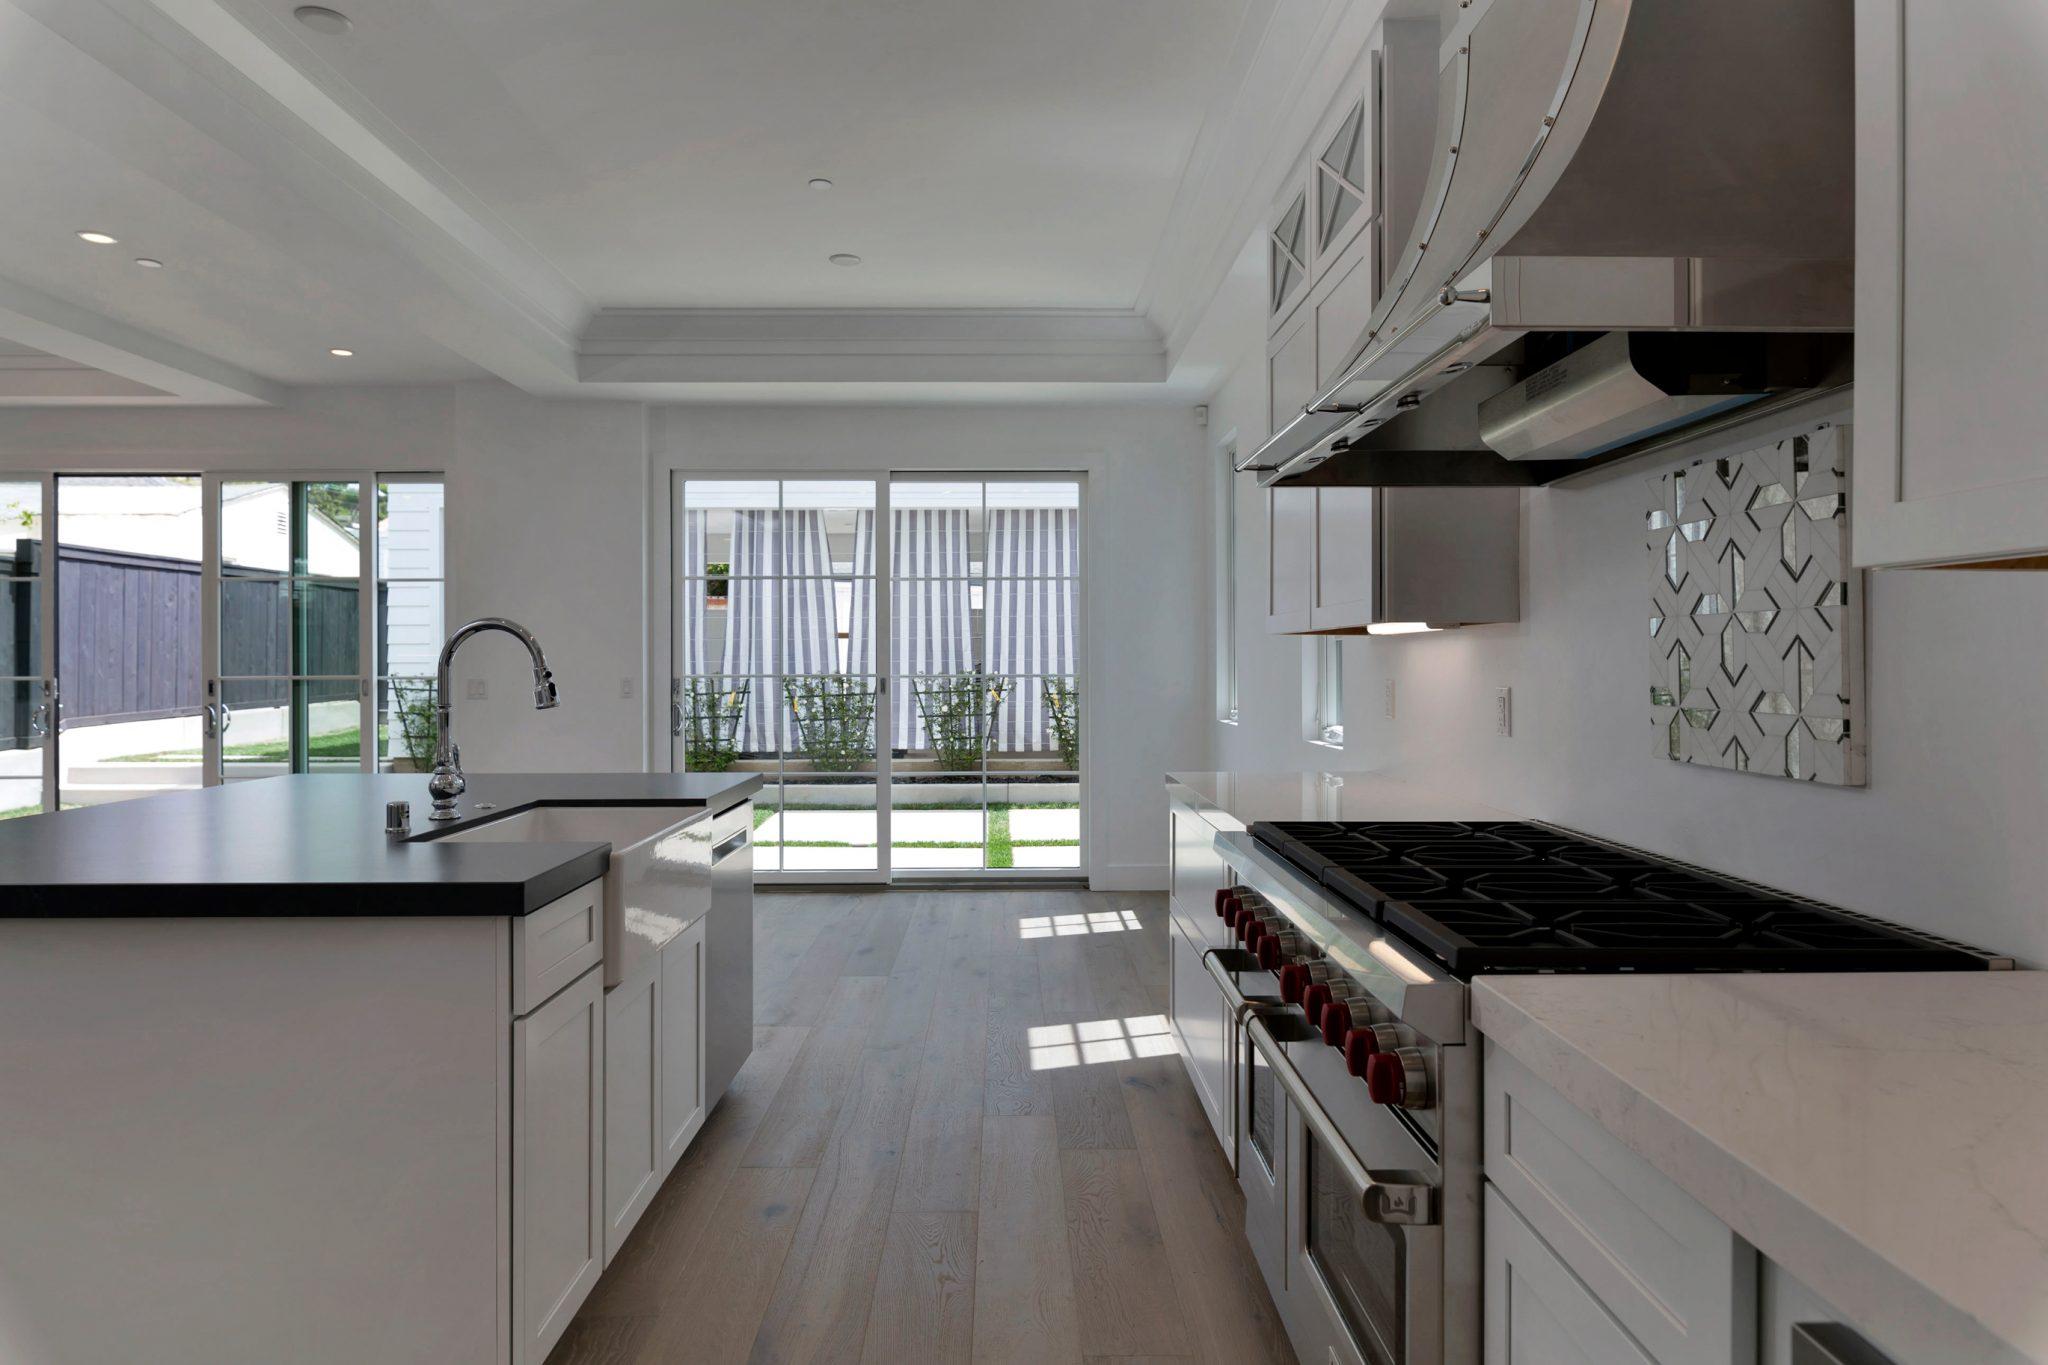 5543 Waverly Kitchen Photos